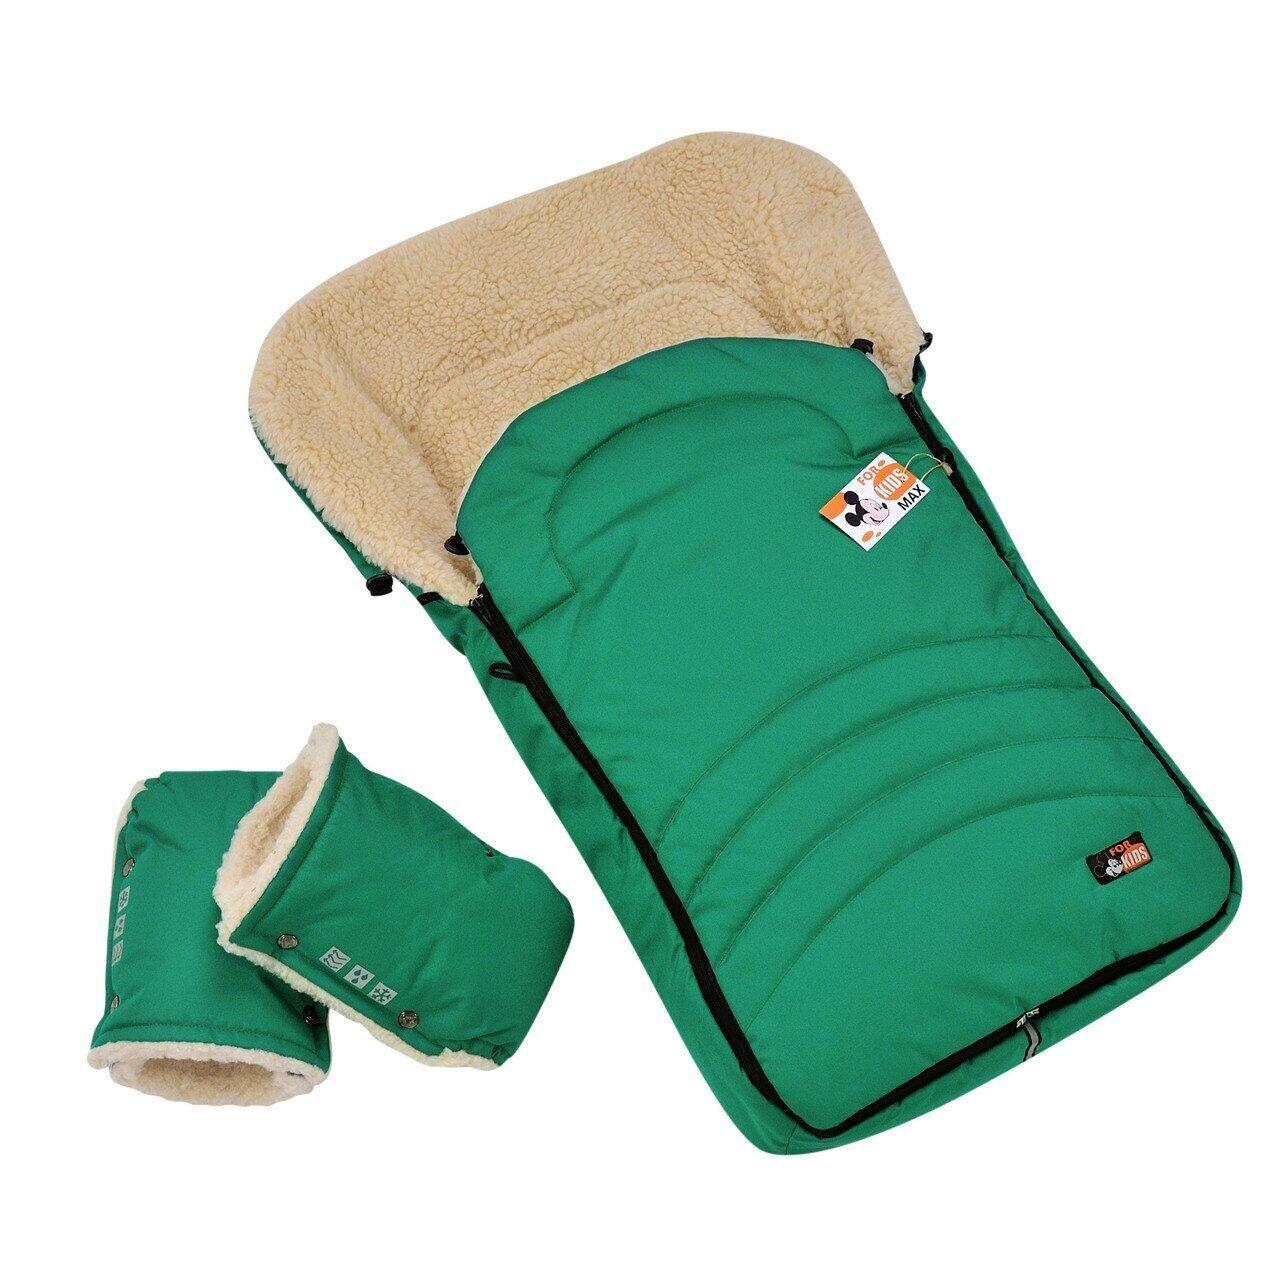 """Детский конверт на овчине 70/30 с рукавичками и бахилами """"For kids"""" Maxi зеленый"""